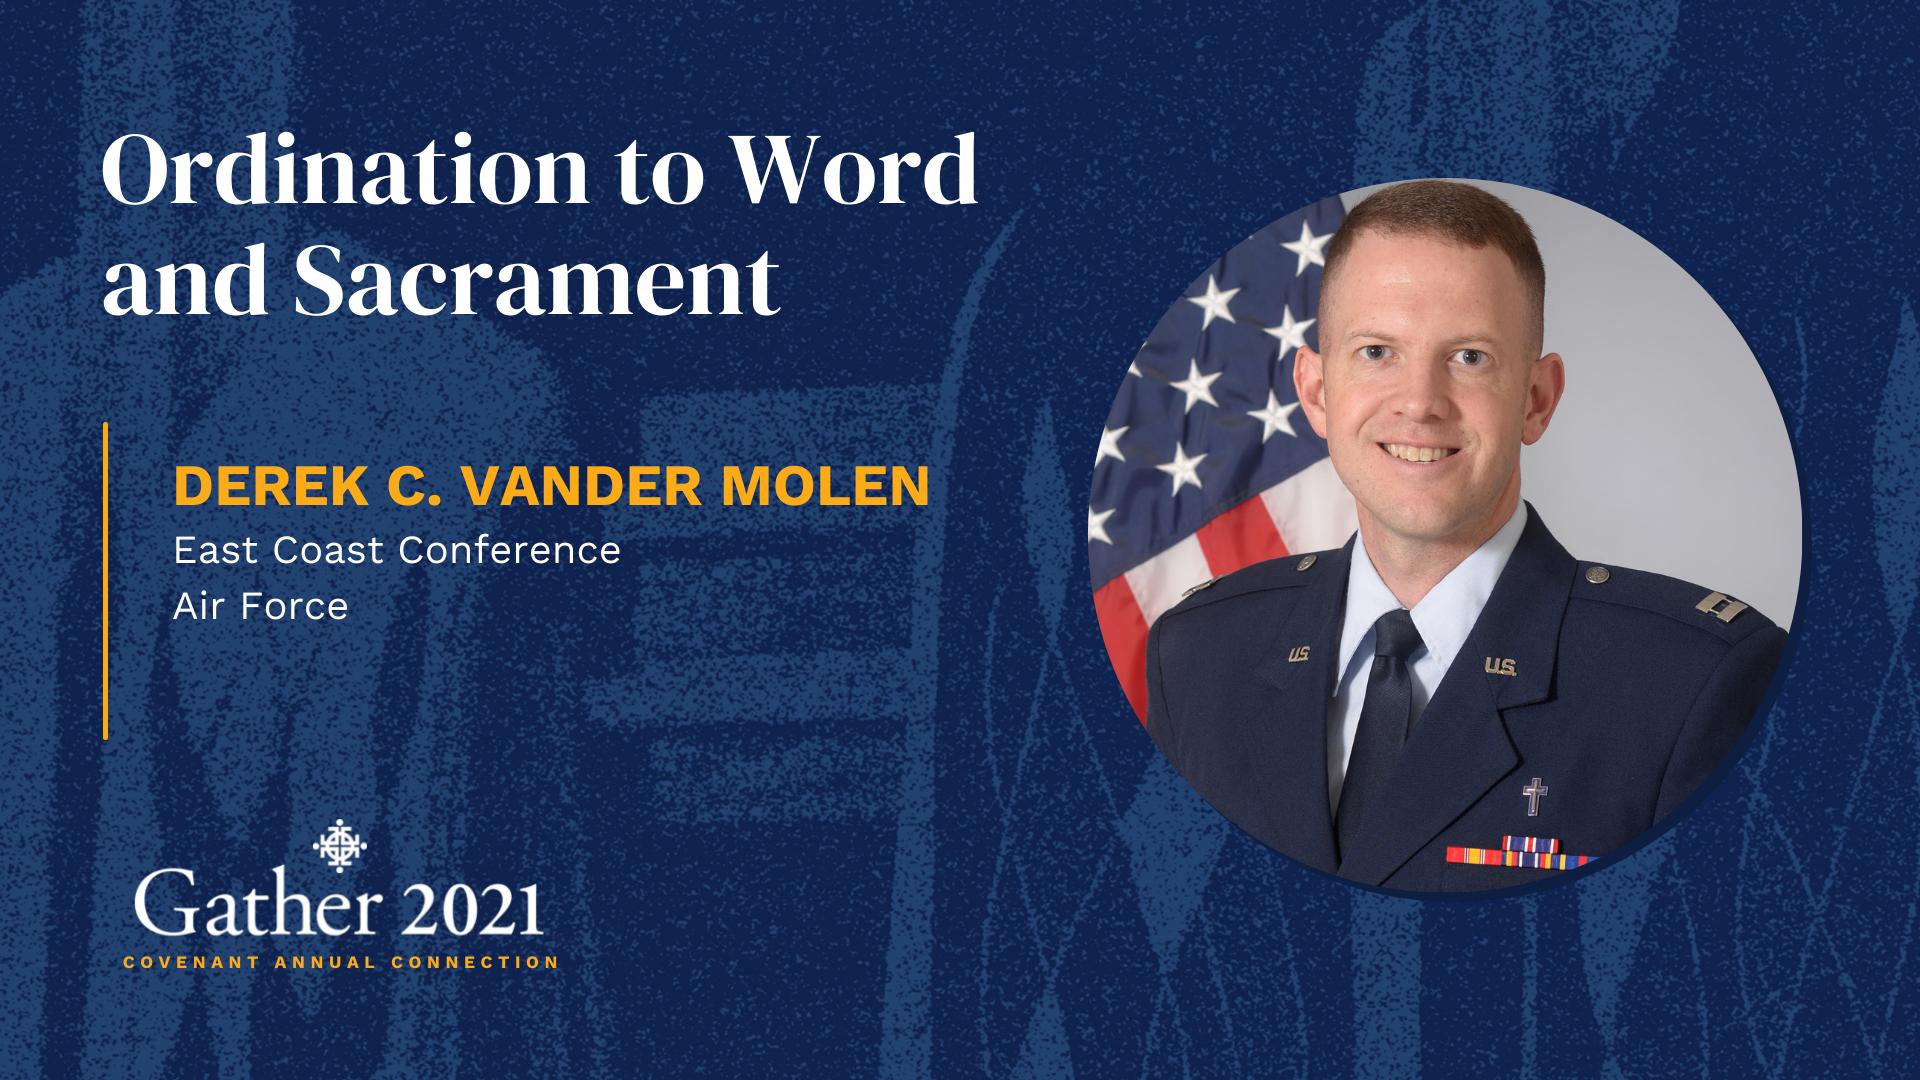 Derek C. Vander Molen